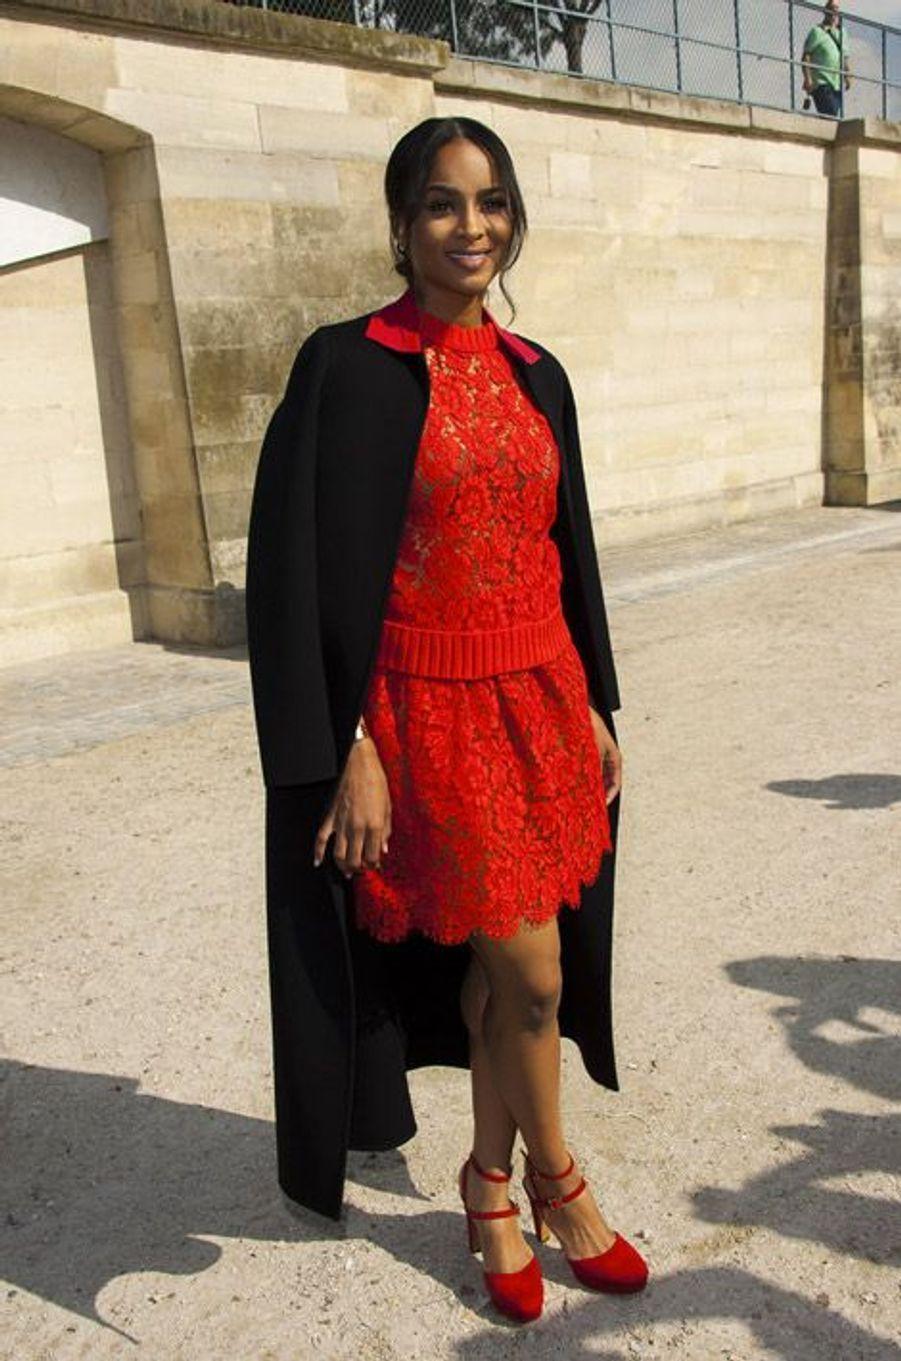 La chanteuse Ciara au défilé Valentino à Paris, le 30 septembre 2014